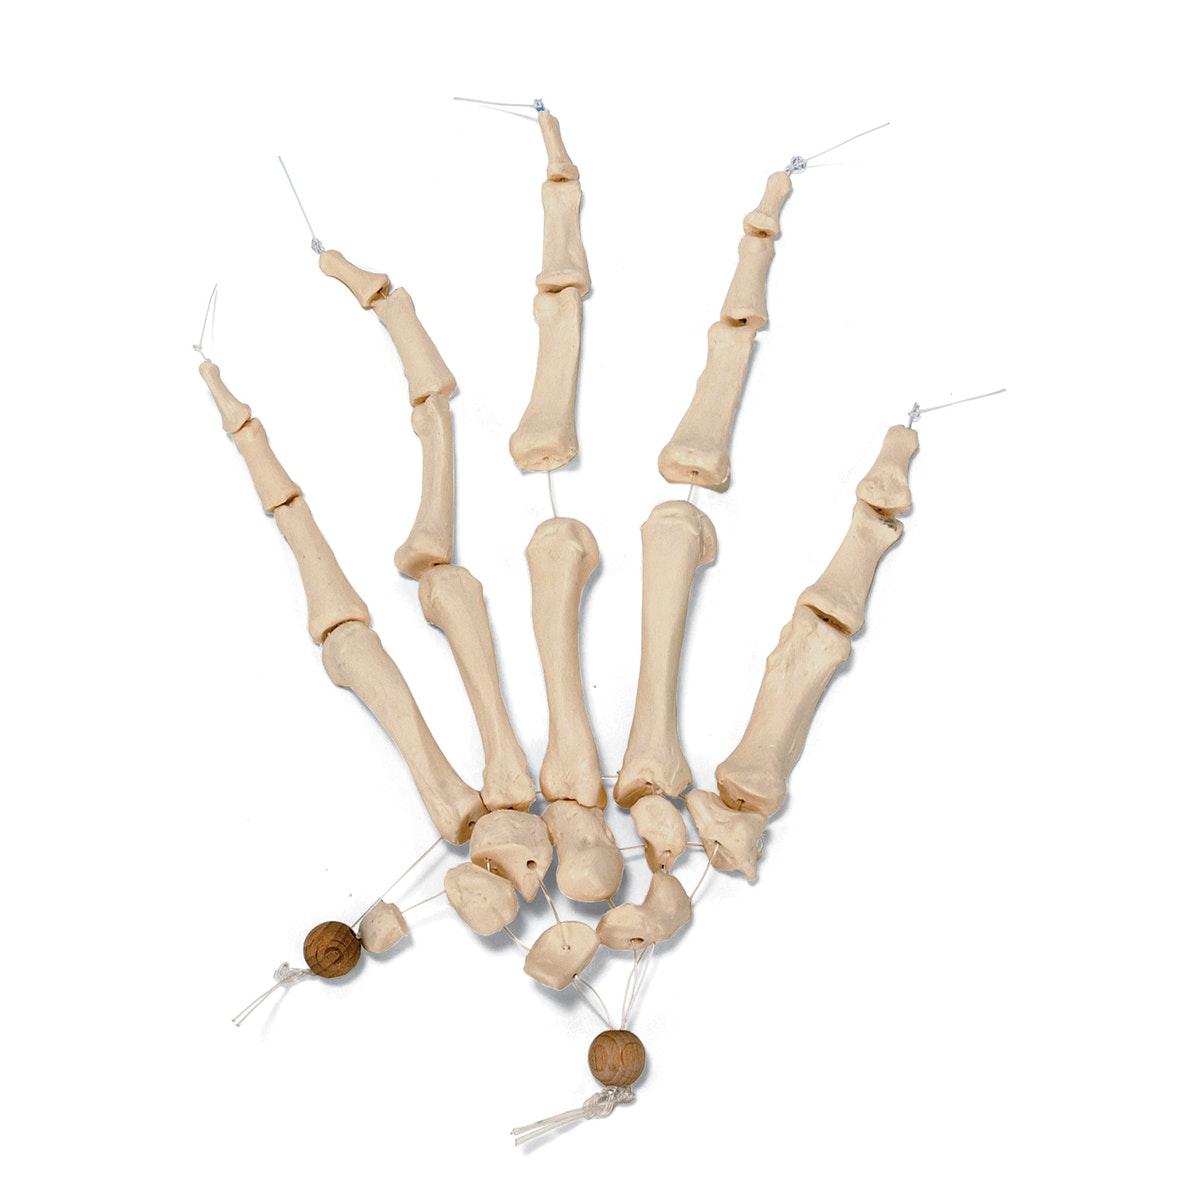 Med hånd & fod samlet på nylon